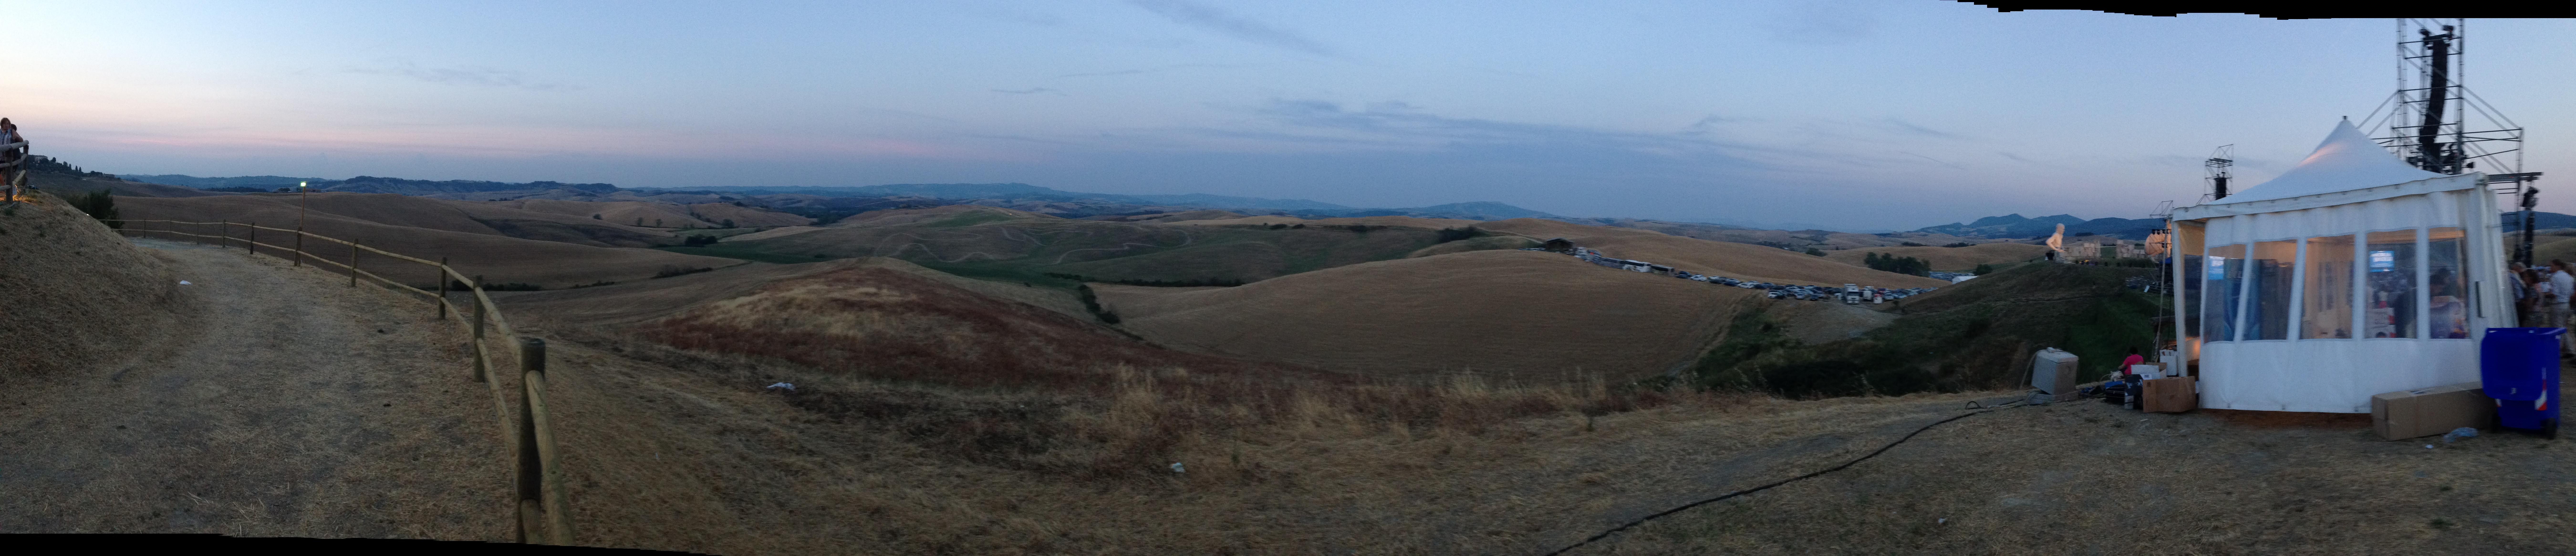 Vista Panoramica das colinas do Show do Andrea Bocelli